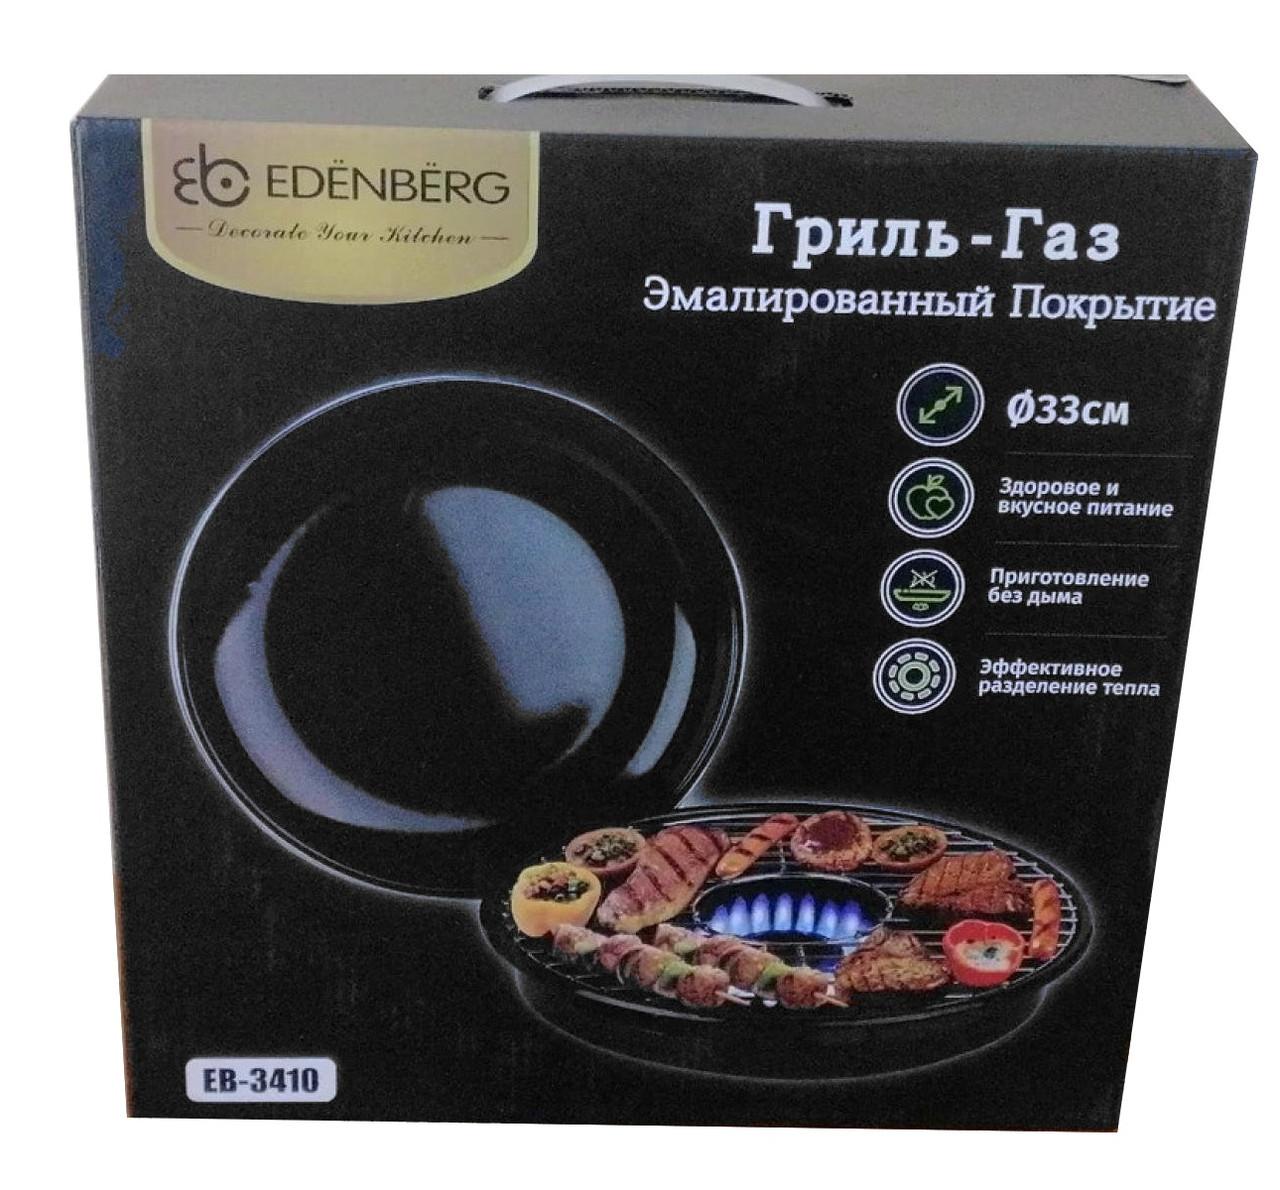 Сковорода  гриль газ Edenberg EB-3410 d-33см- ОПТОМ